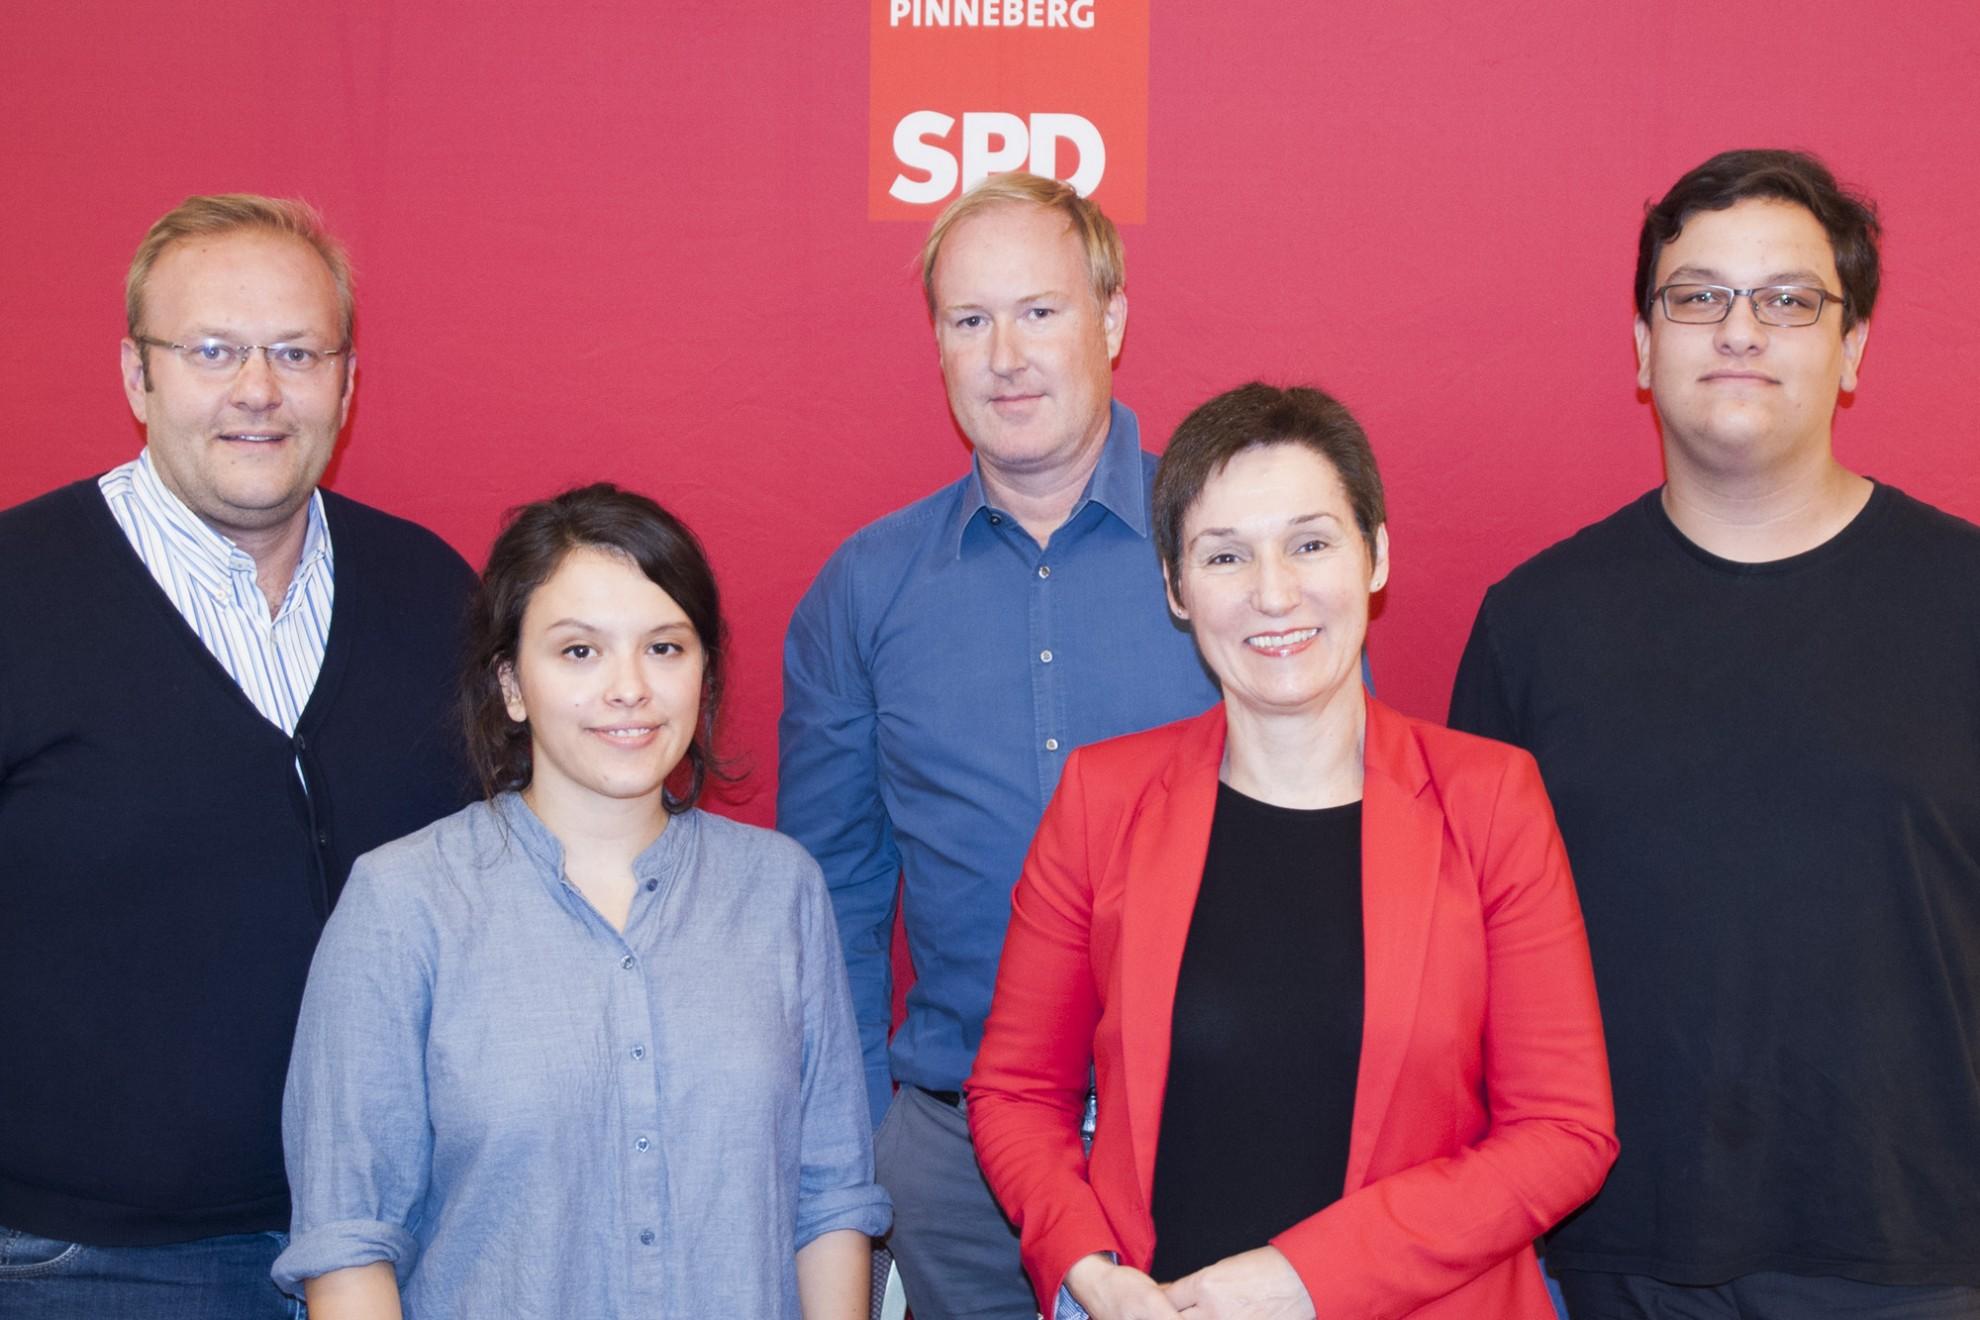 Vorstellungsrunde Europa-Kandidaturen, Pinneberg, Cap Polinio